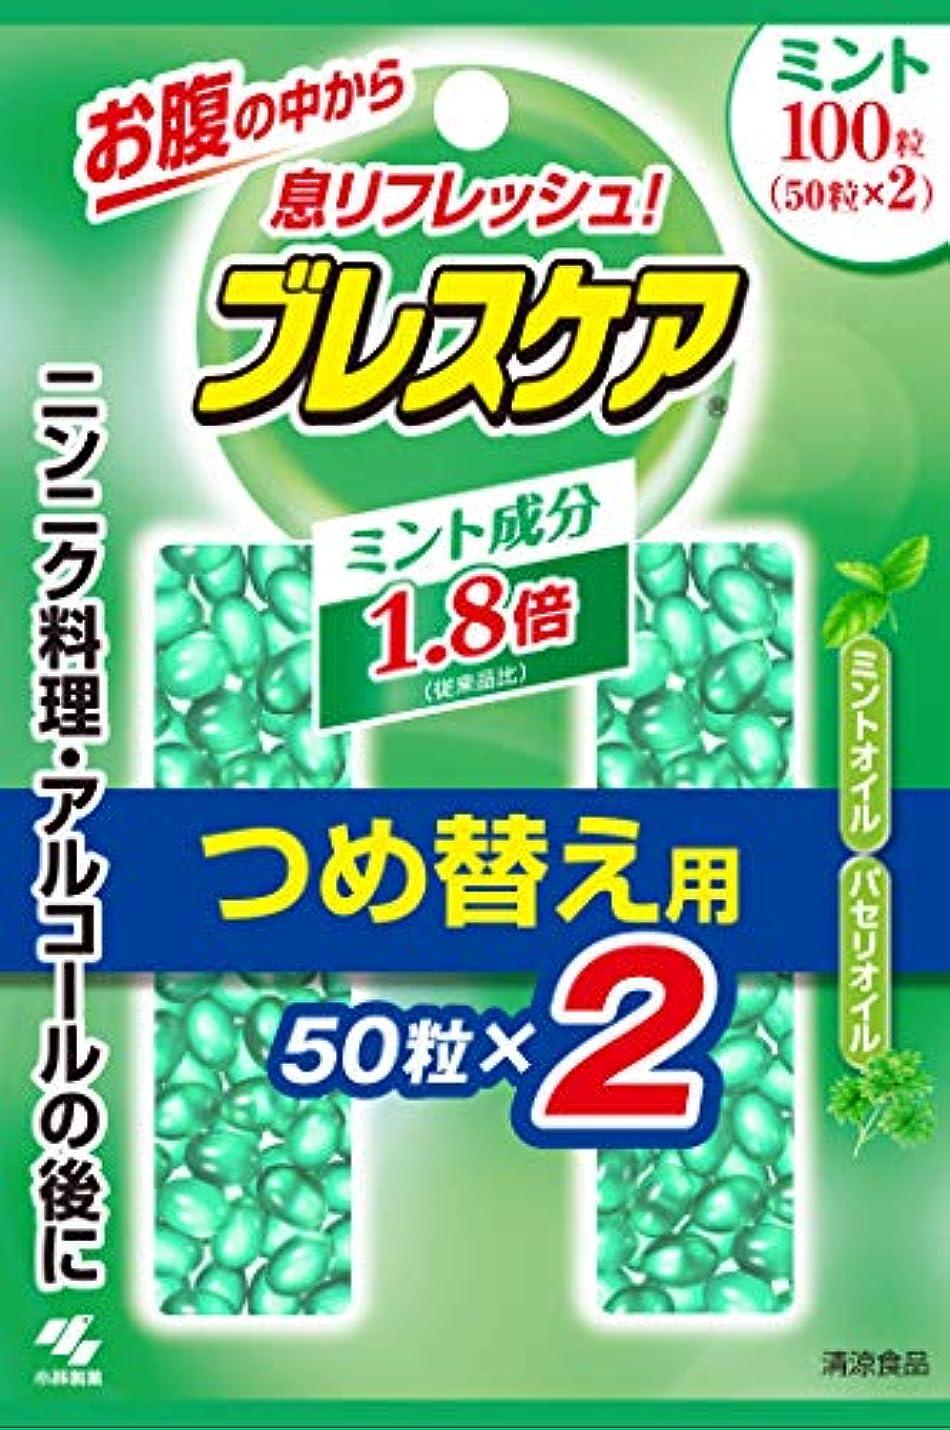 市場対処するストローブレスケア 水で飲む息清涼カプセル 詰め替え用 ミント 100粒(50粒×2個